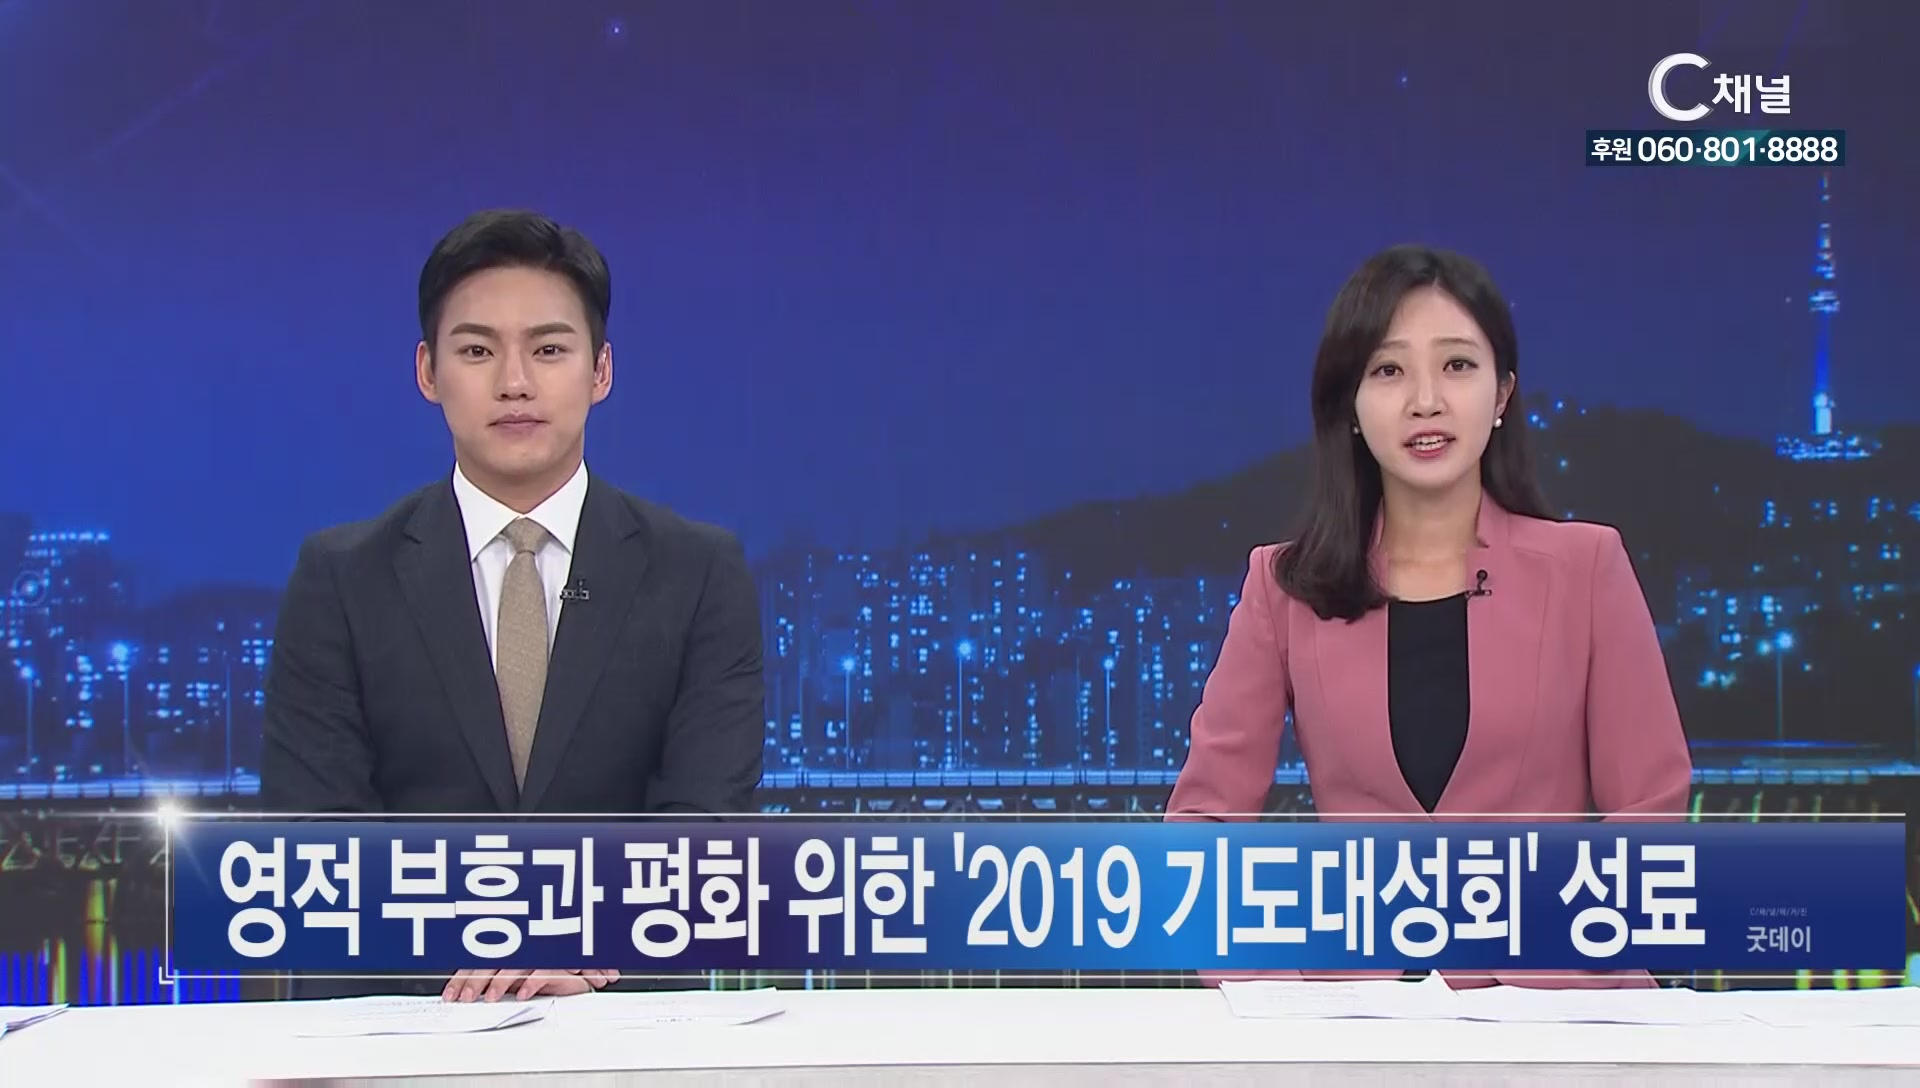 C채널 매거진 굿데이 2019년 10월 21일 C채널 뉴스